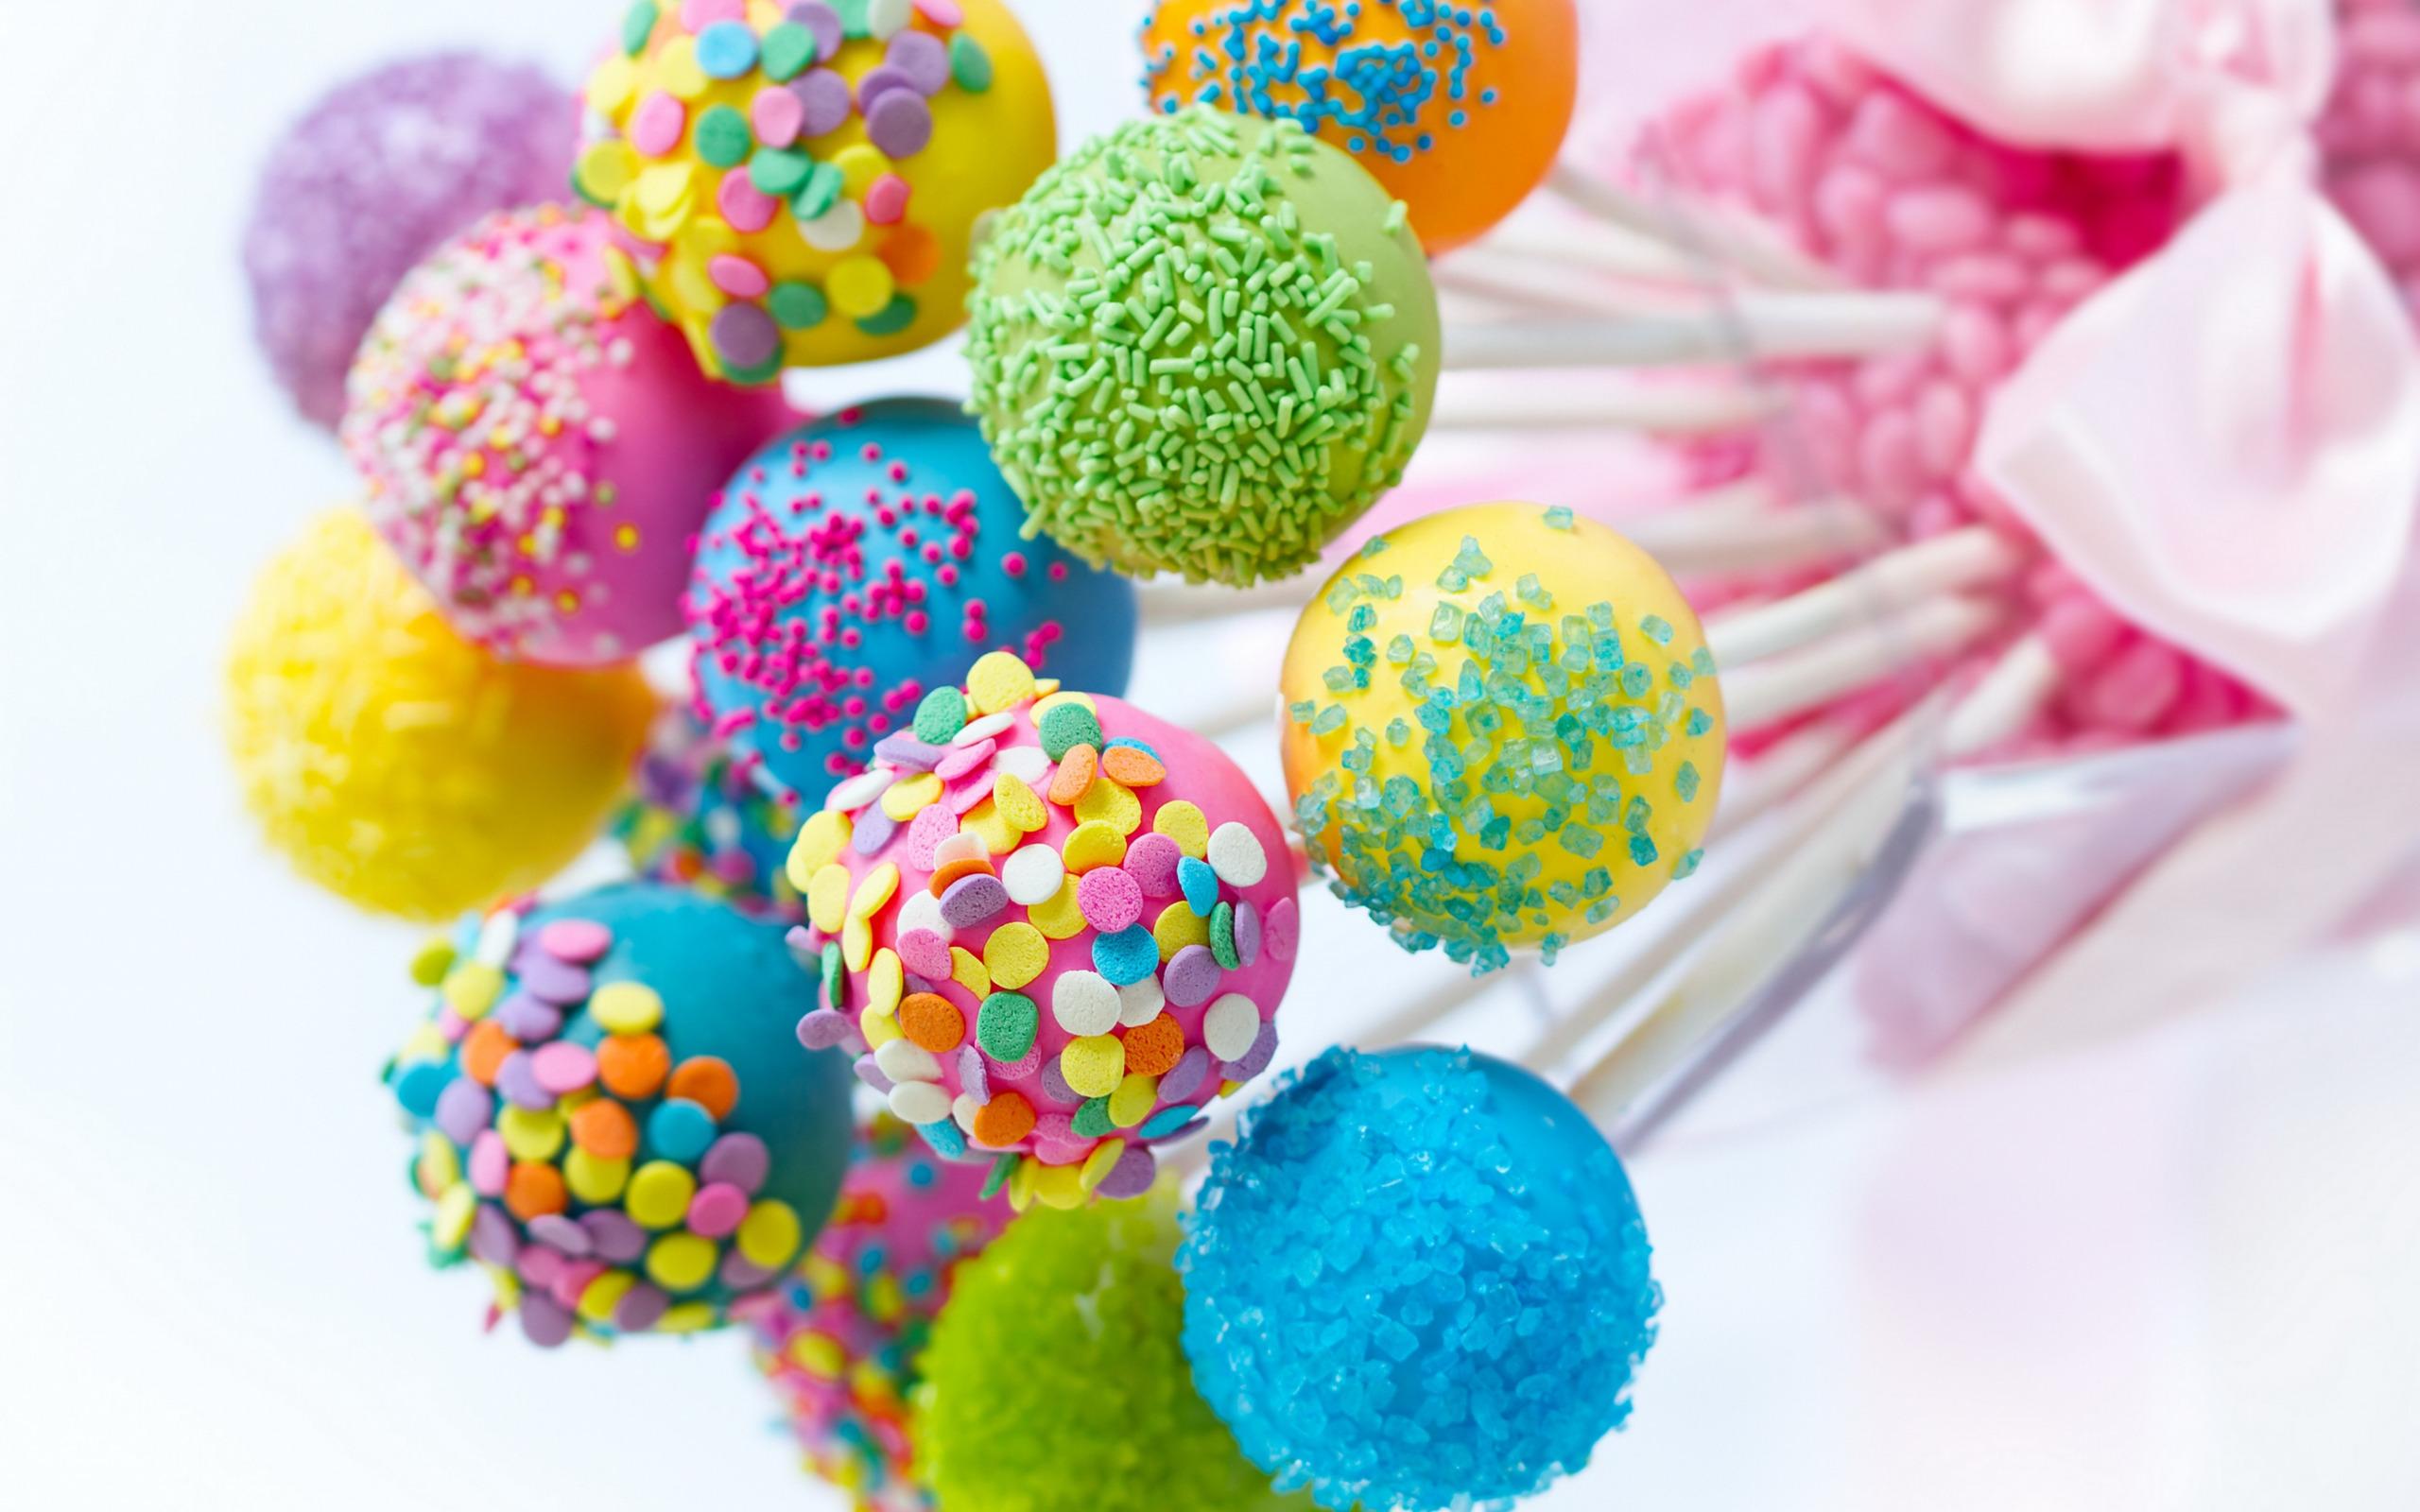 красочные сладкие шарики  № 972893 загрузить